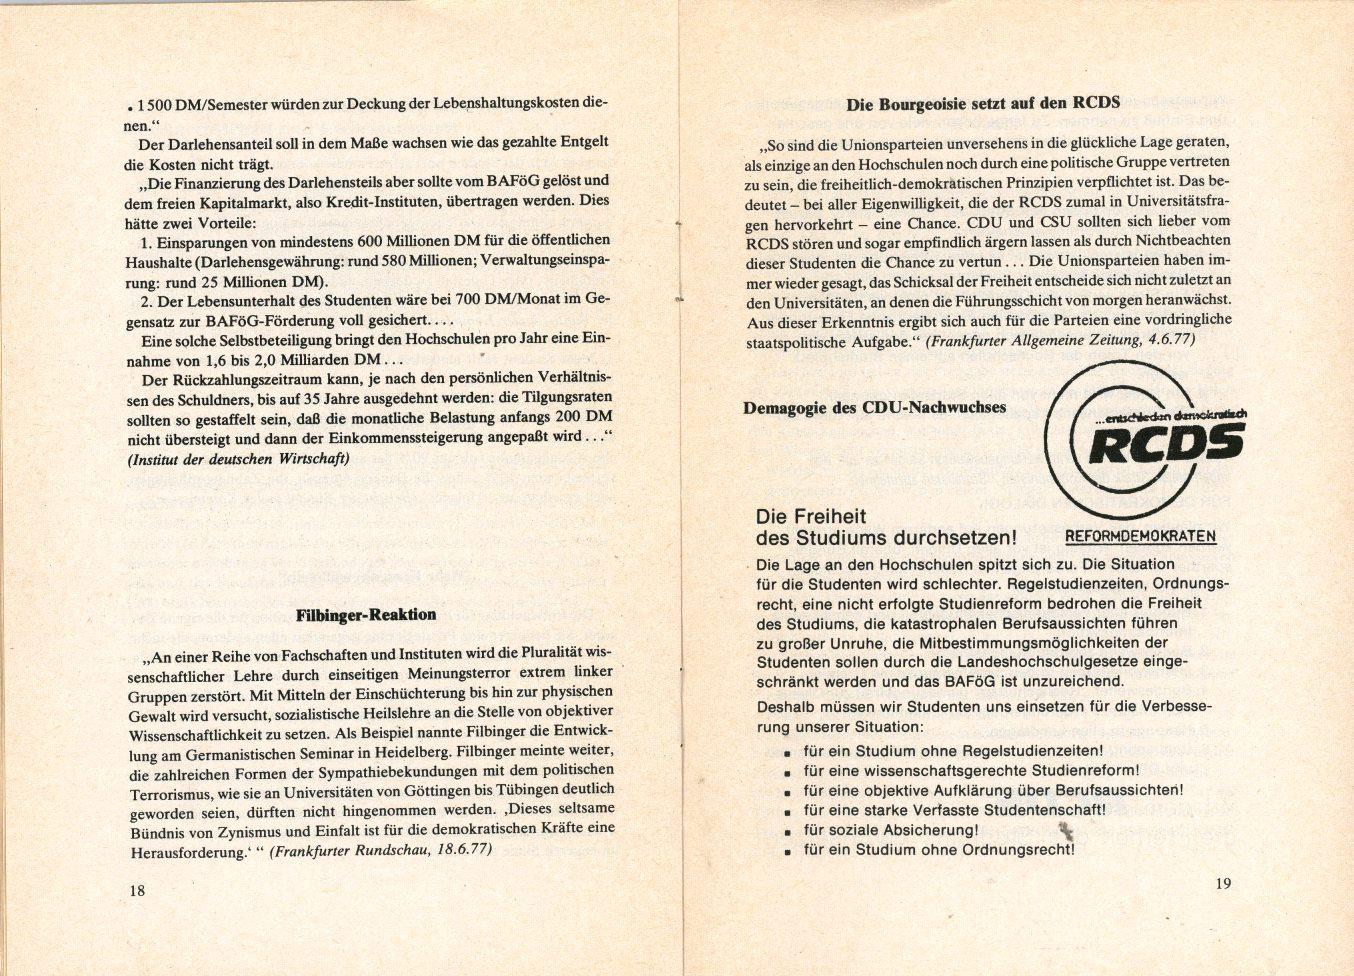 VDS_KBW_1977_MV_in_Giessen_10